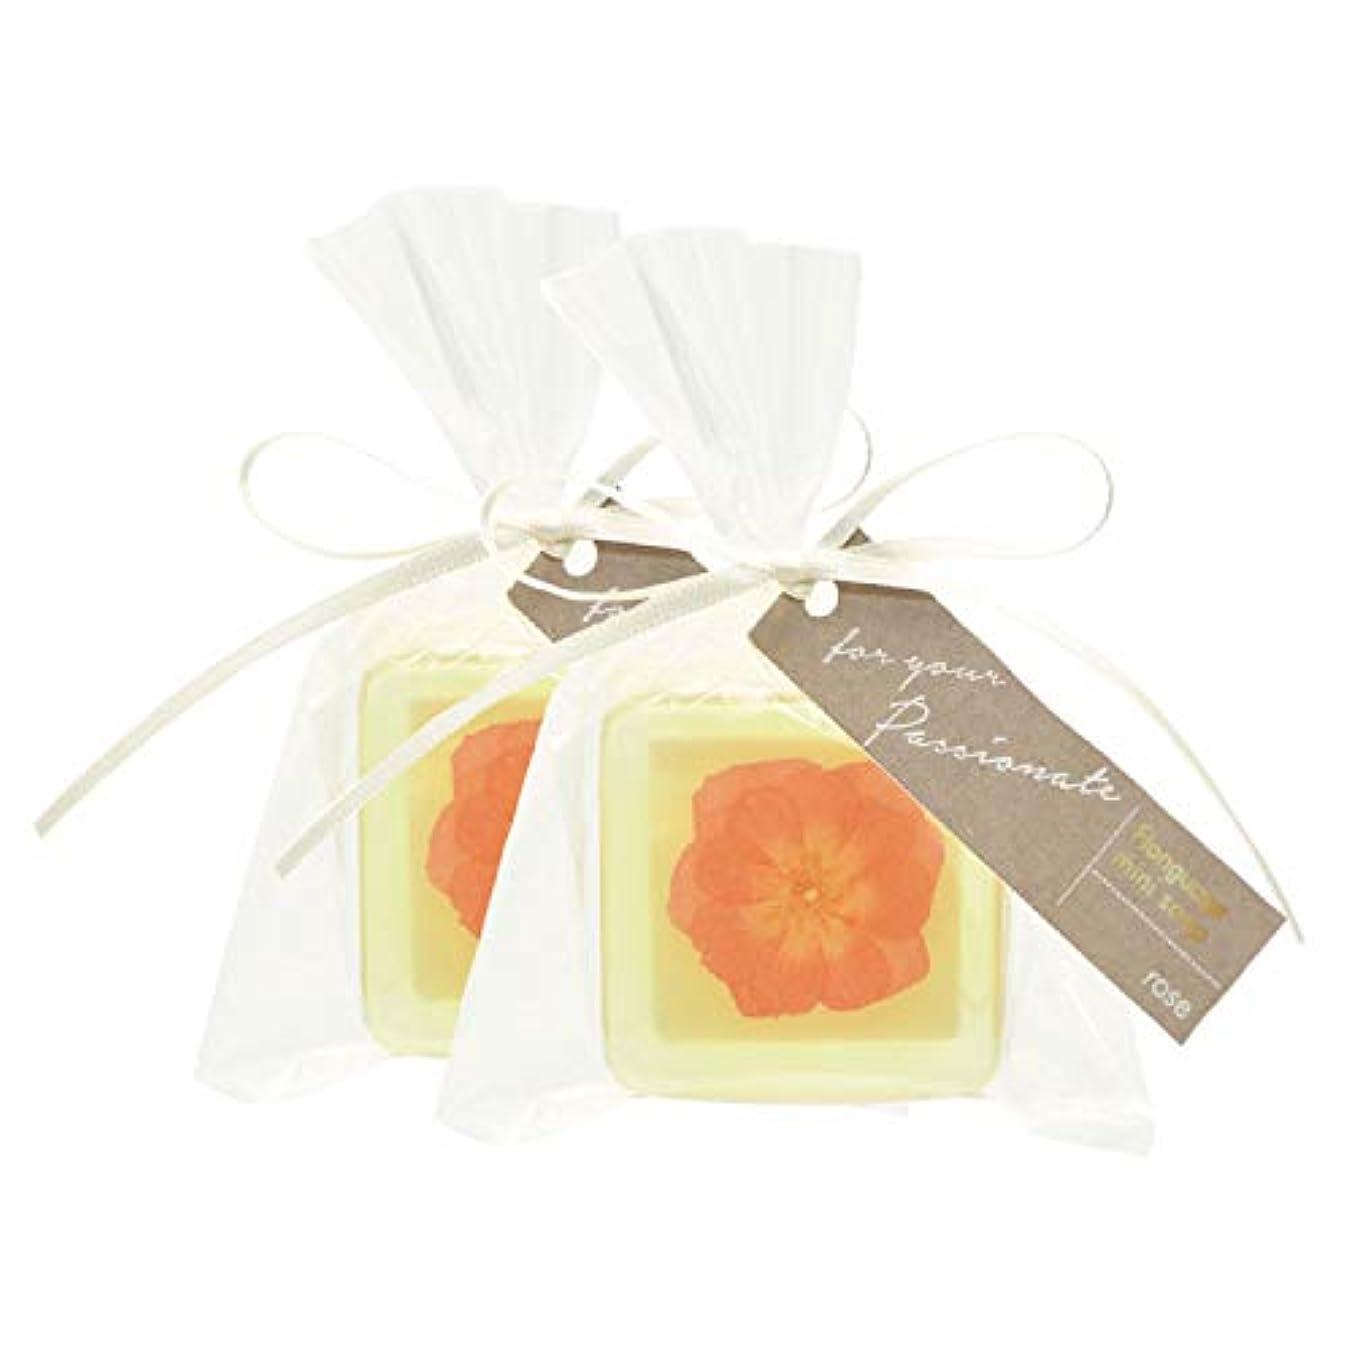 一貫性のない案件フラスコノルコーポレーション ソープJスクエア 石鹸 柑橘 セット 52g×2個